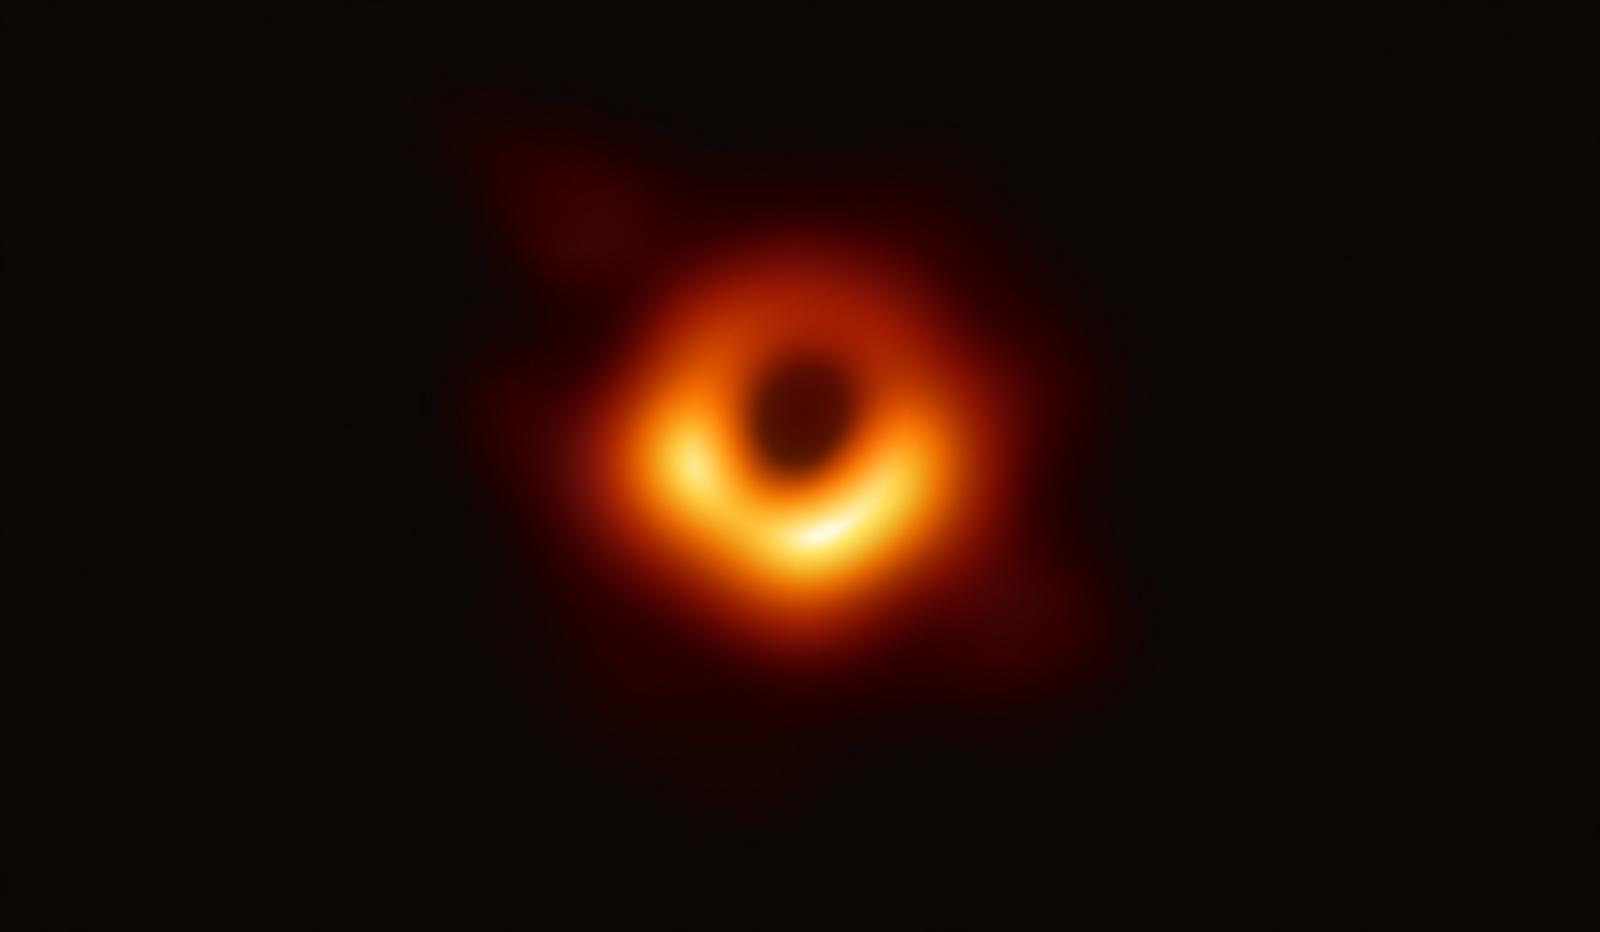 Pierwsze w historii zdjęcie czarnej dziury. Fot. PAP/EPA/EVENT HORIZON TELESCOPE COLLABORATION